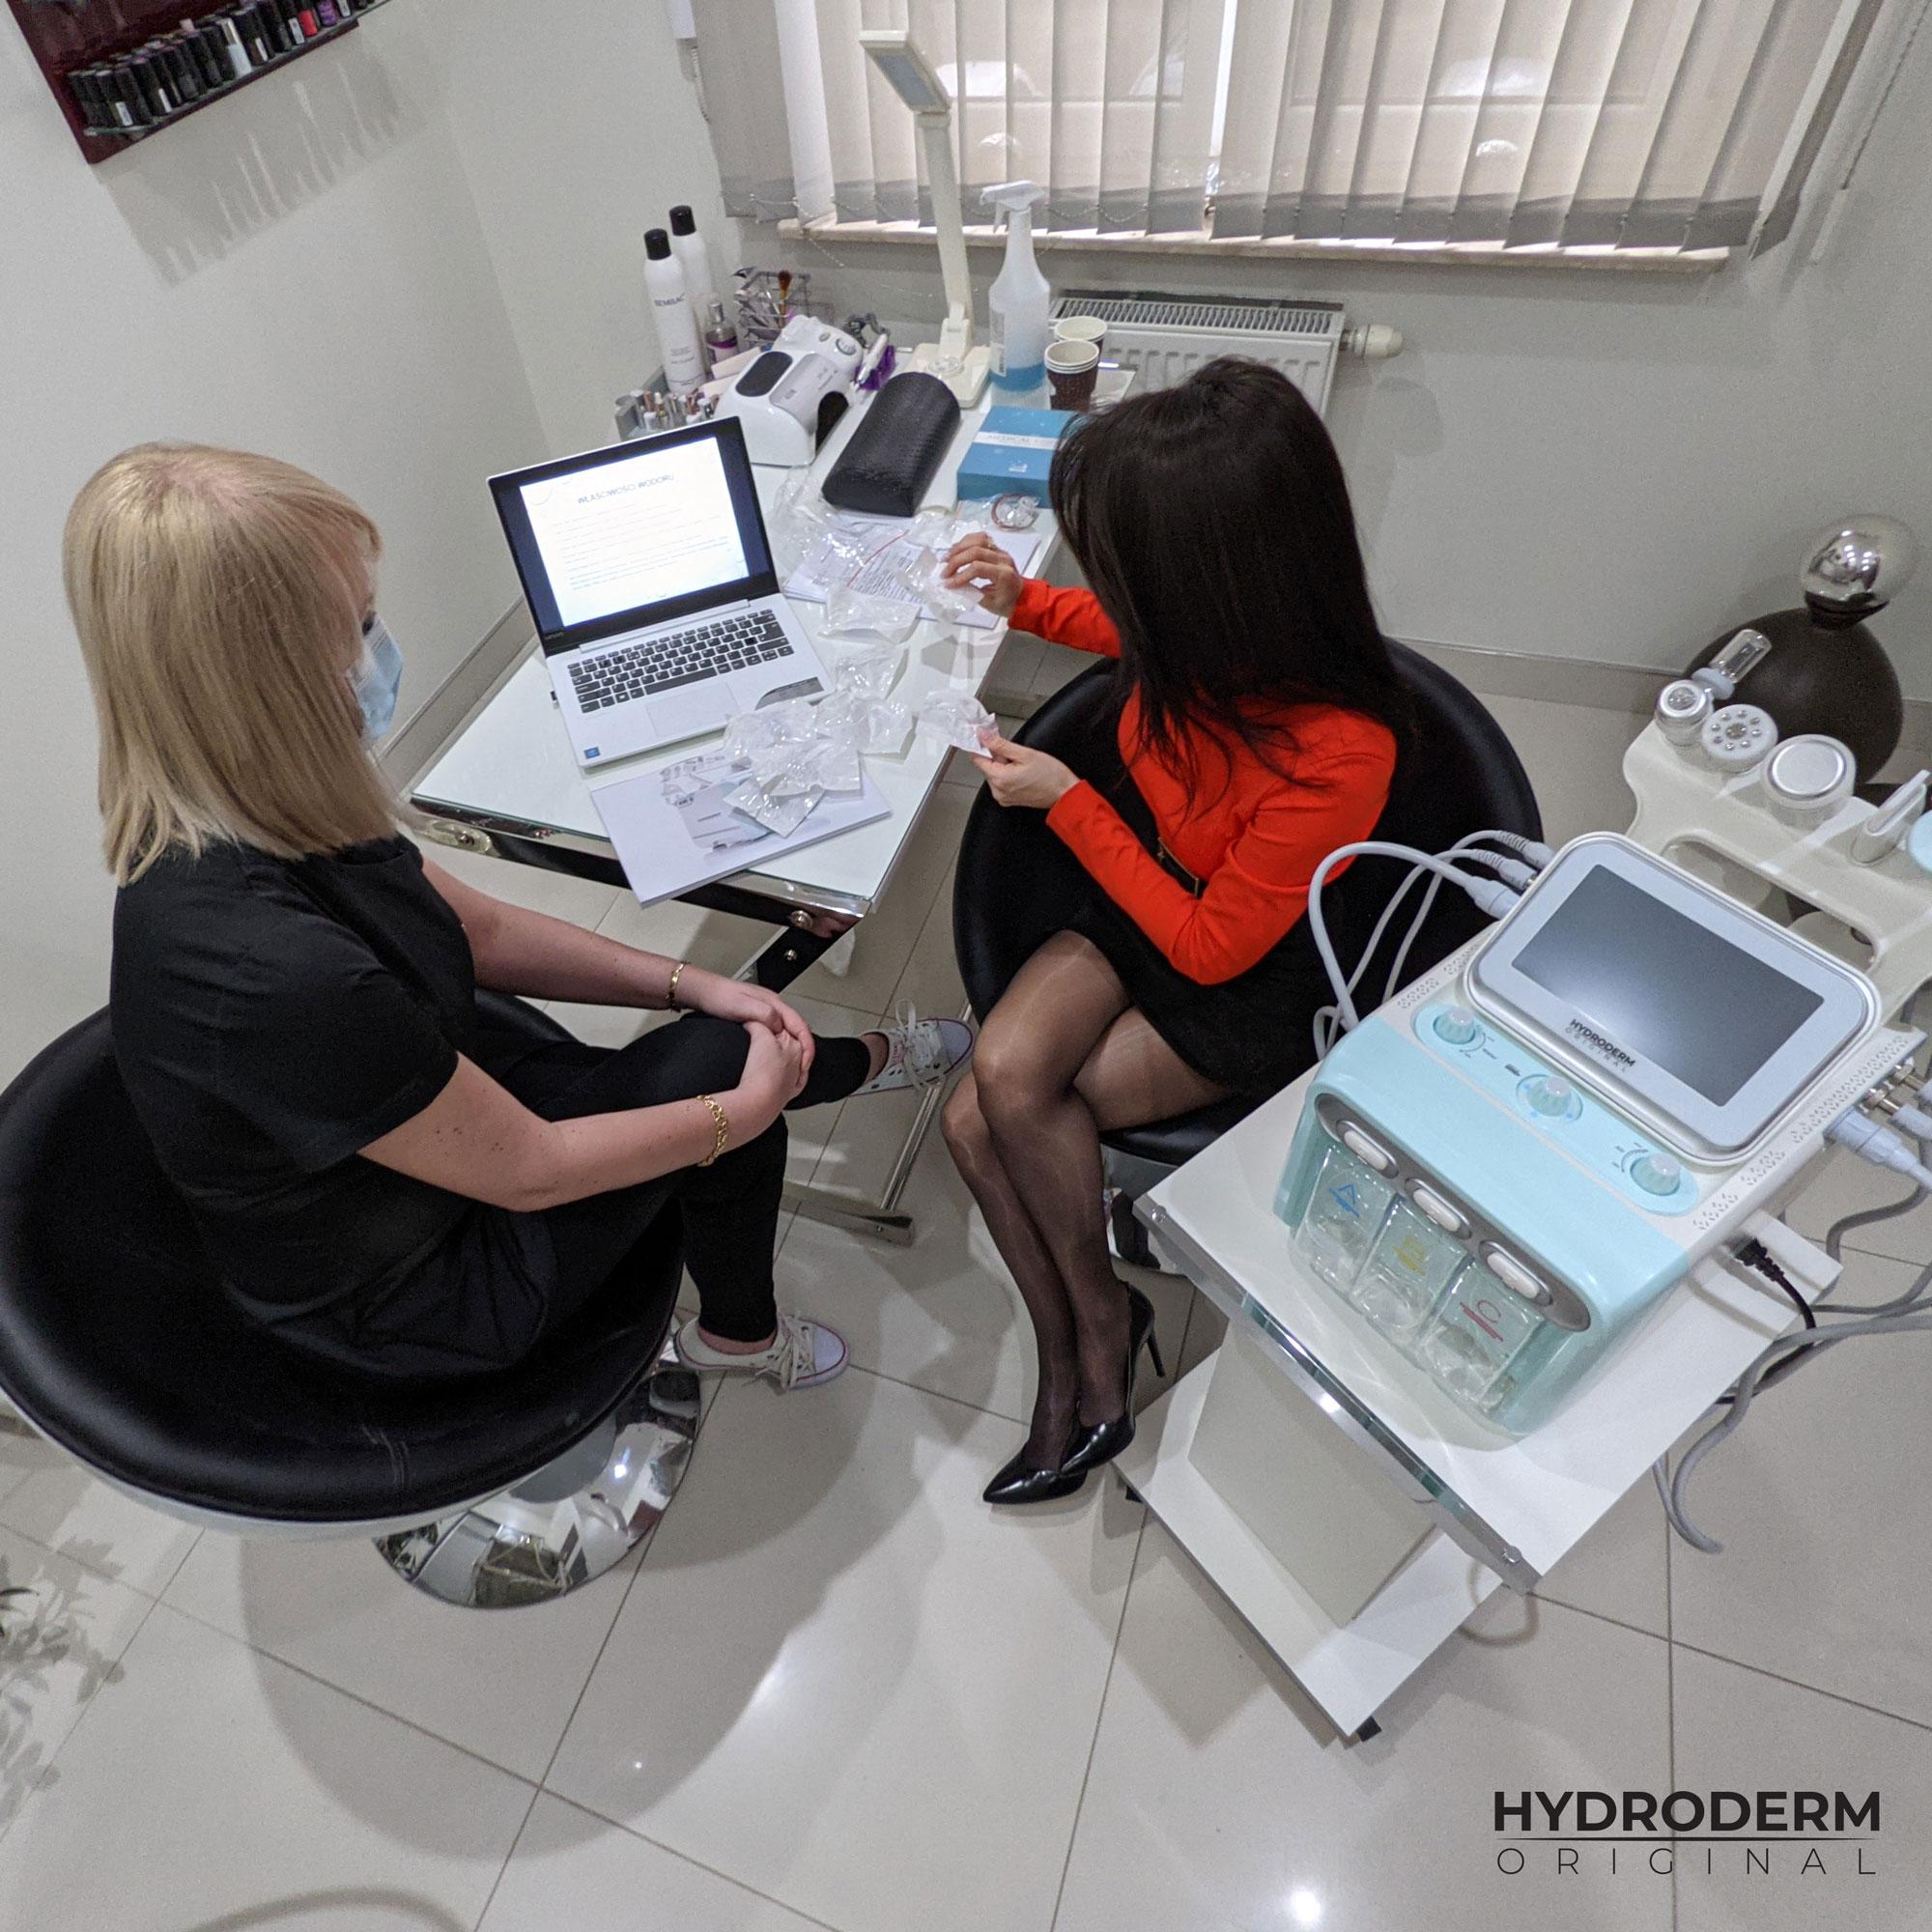 Przed przystąpieniem do szkolenia z obsługi narzędzia Hydroderm, kosmetolog przekazuje całą wiedzę teorytyczną